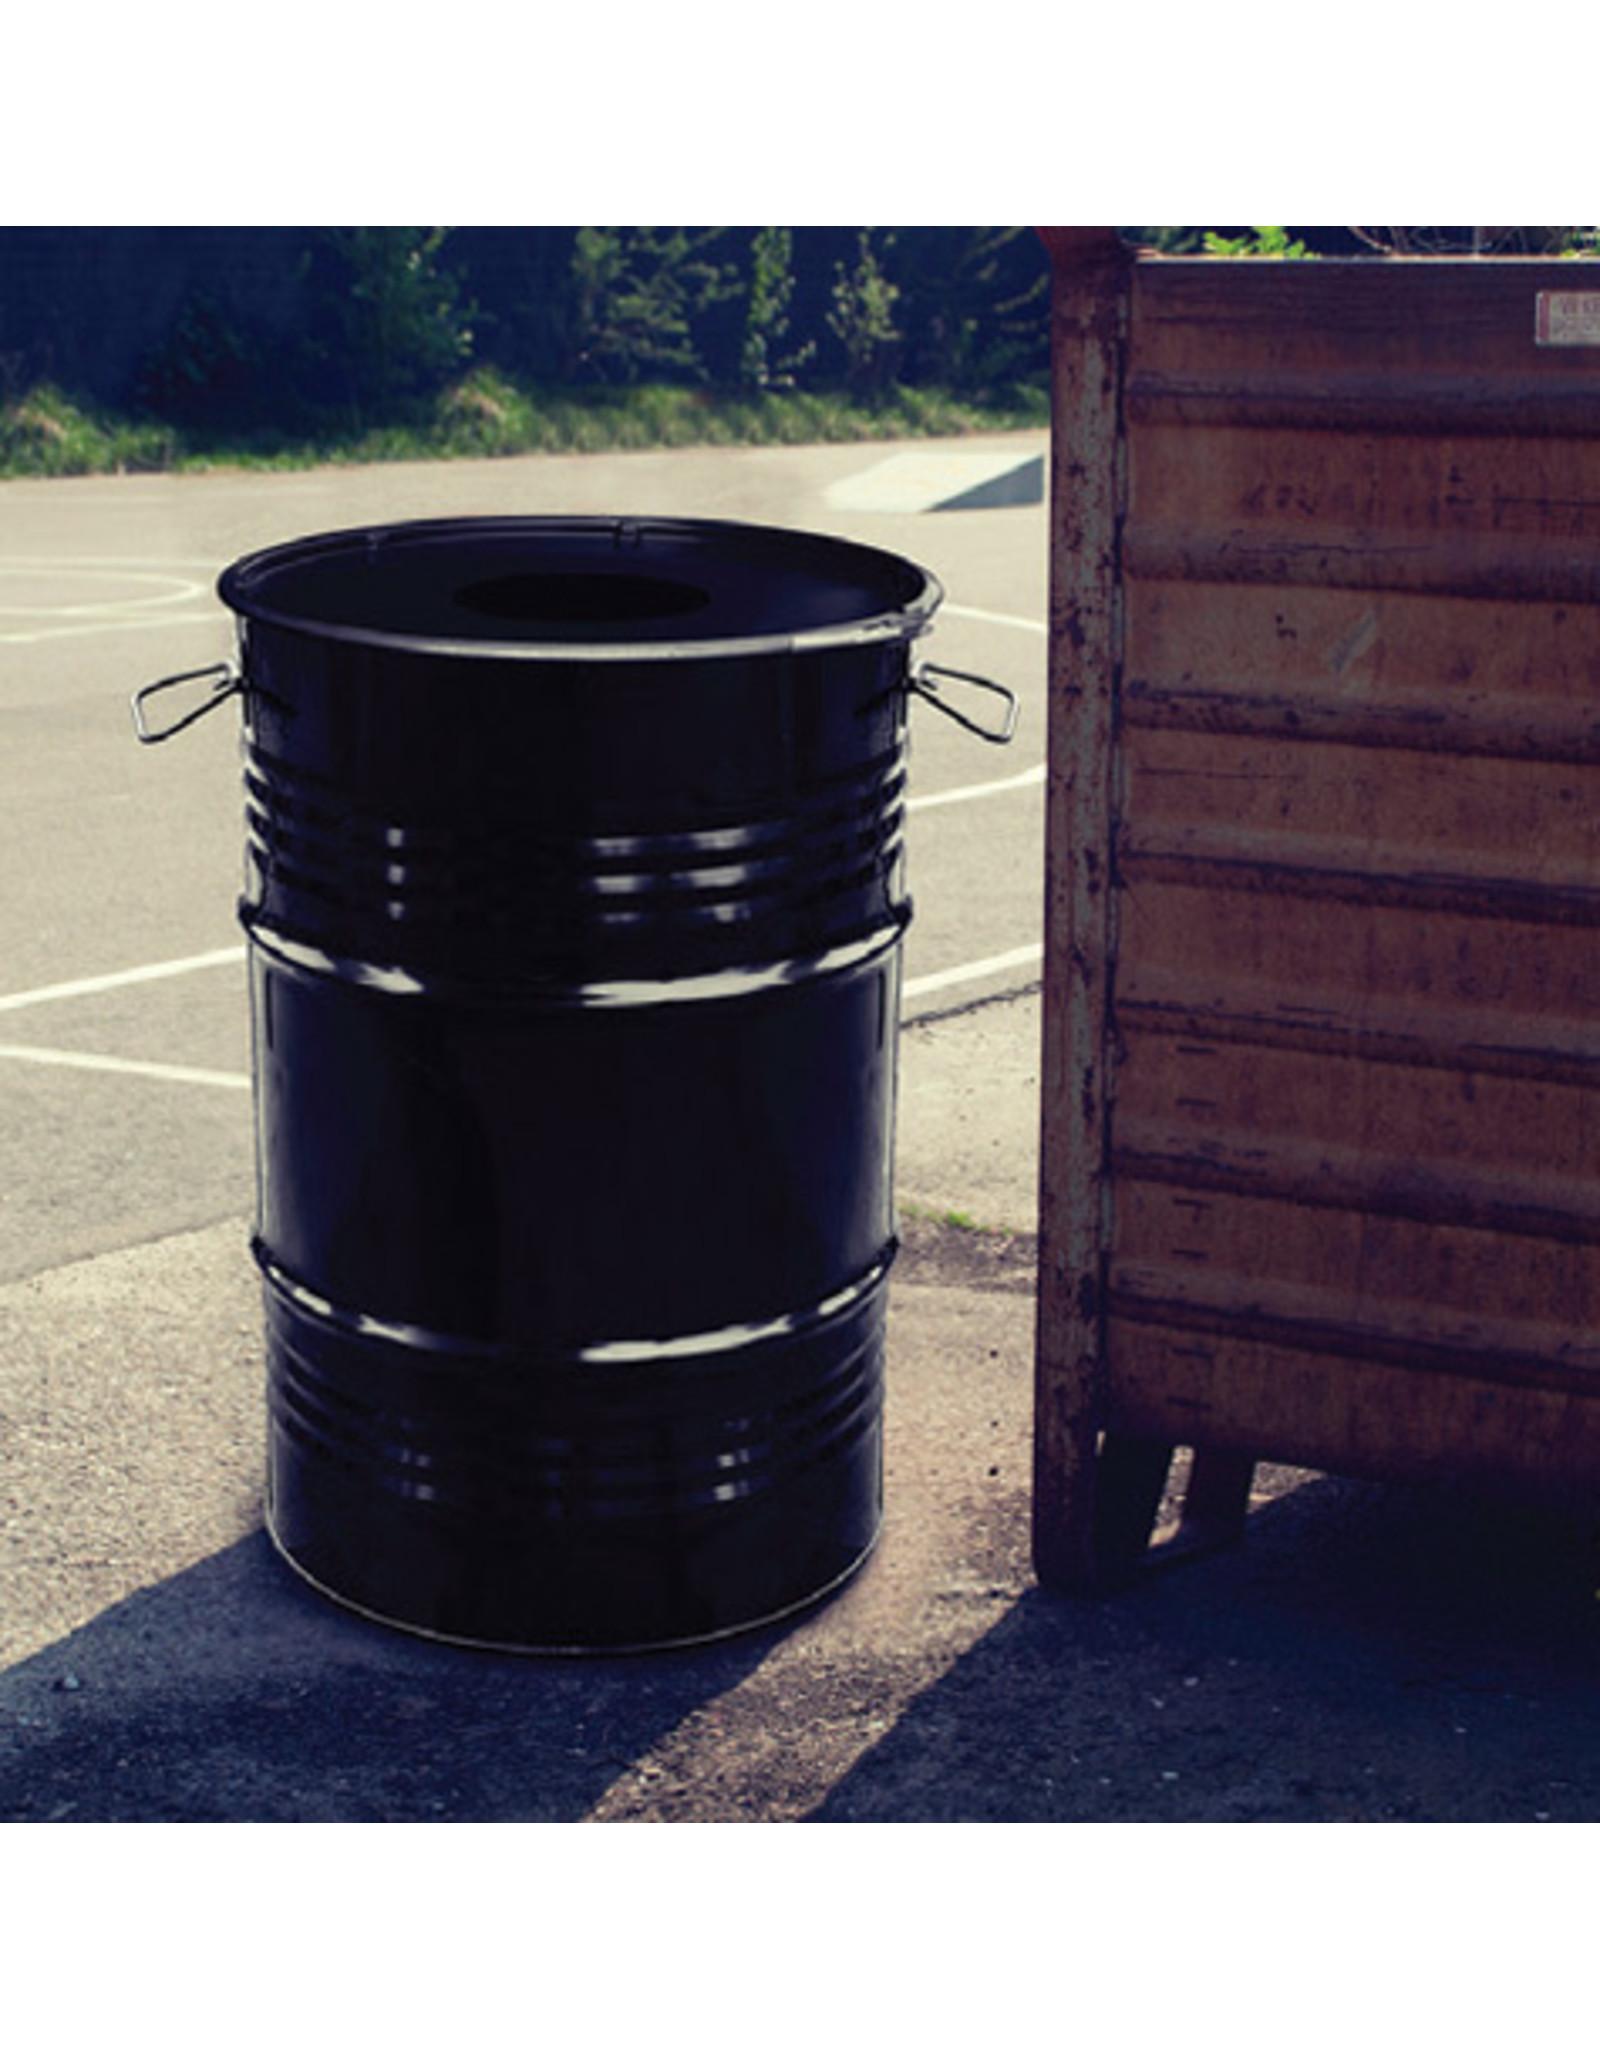 The Binbin BinBin Hole 60 Liter industriell metall Mülleimer mit loch deckel